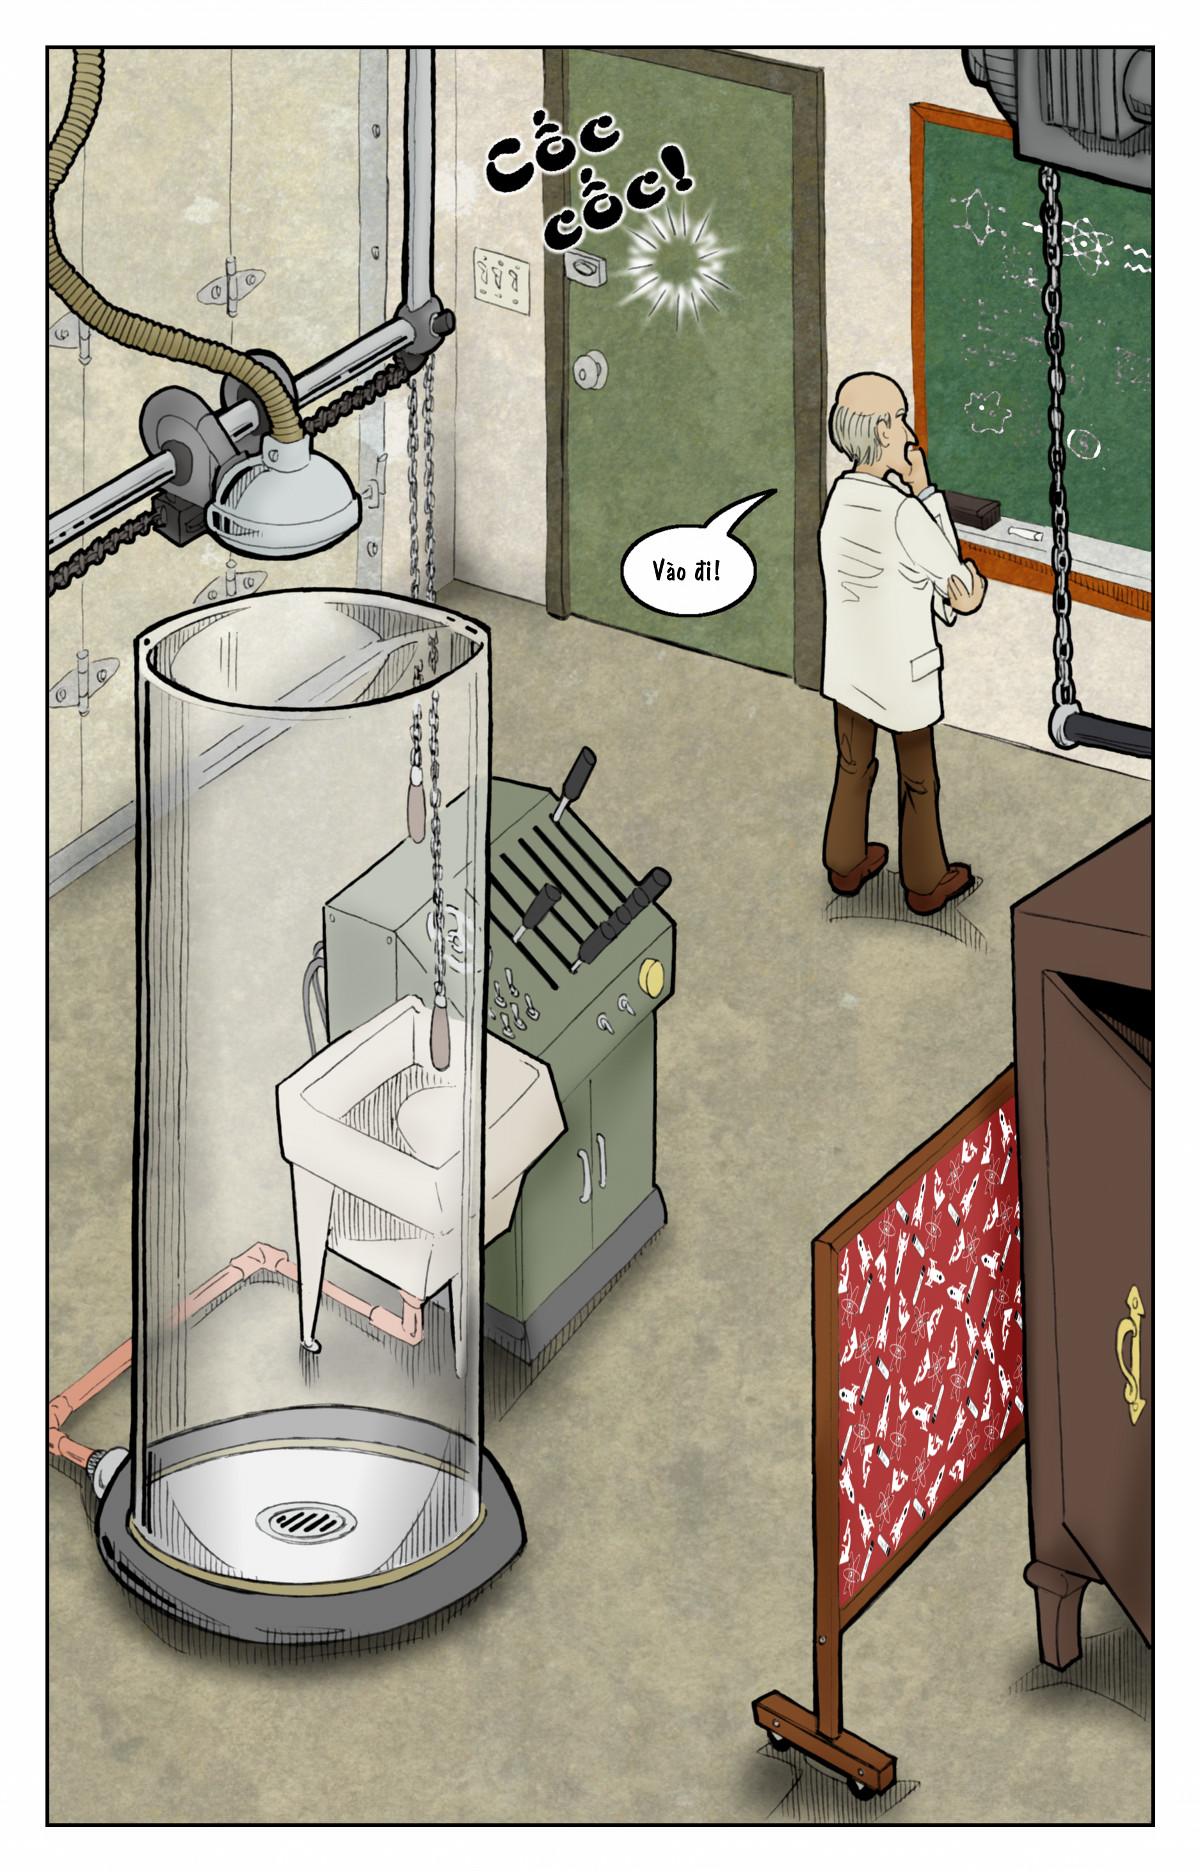 Có người đang gõ cửa phòng thí nghiệm!